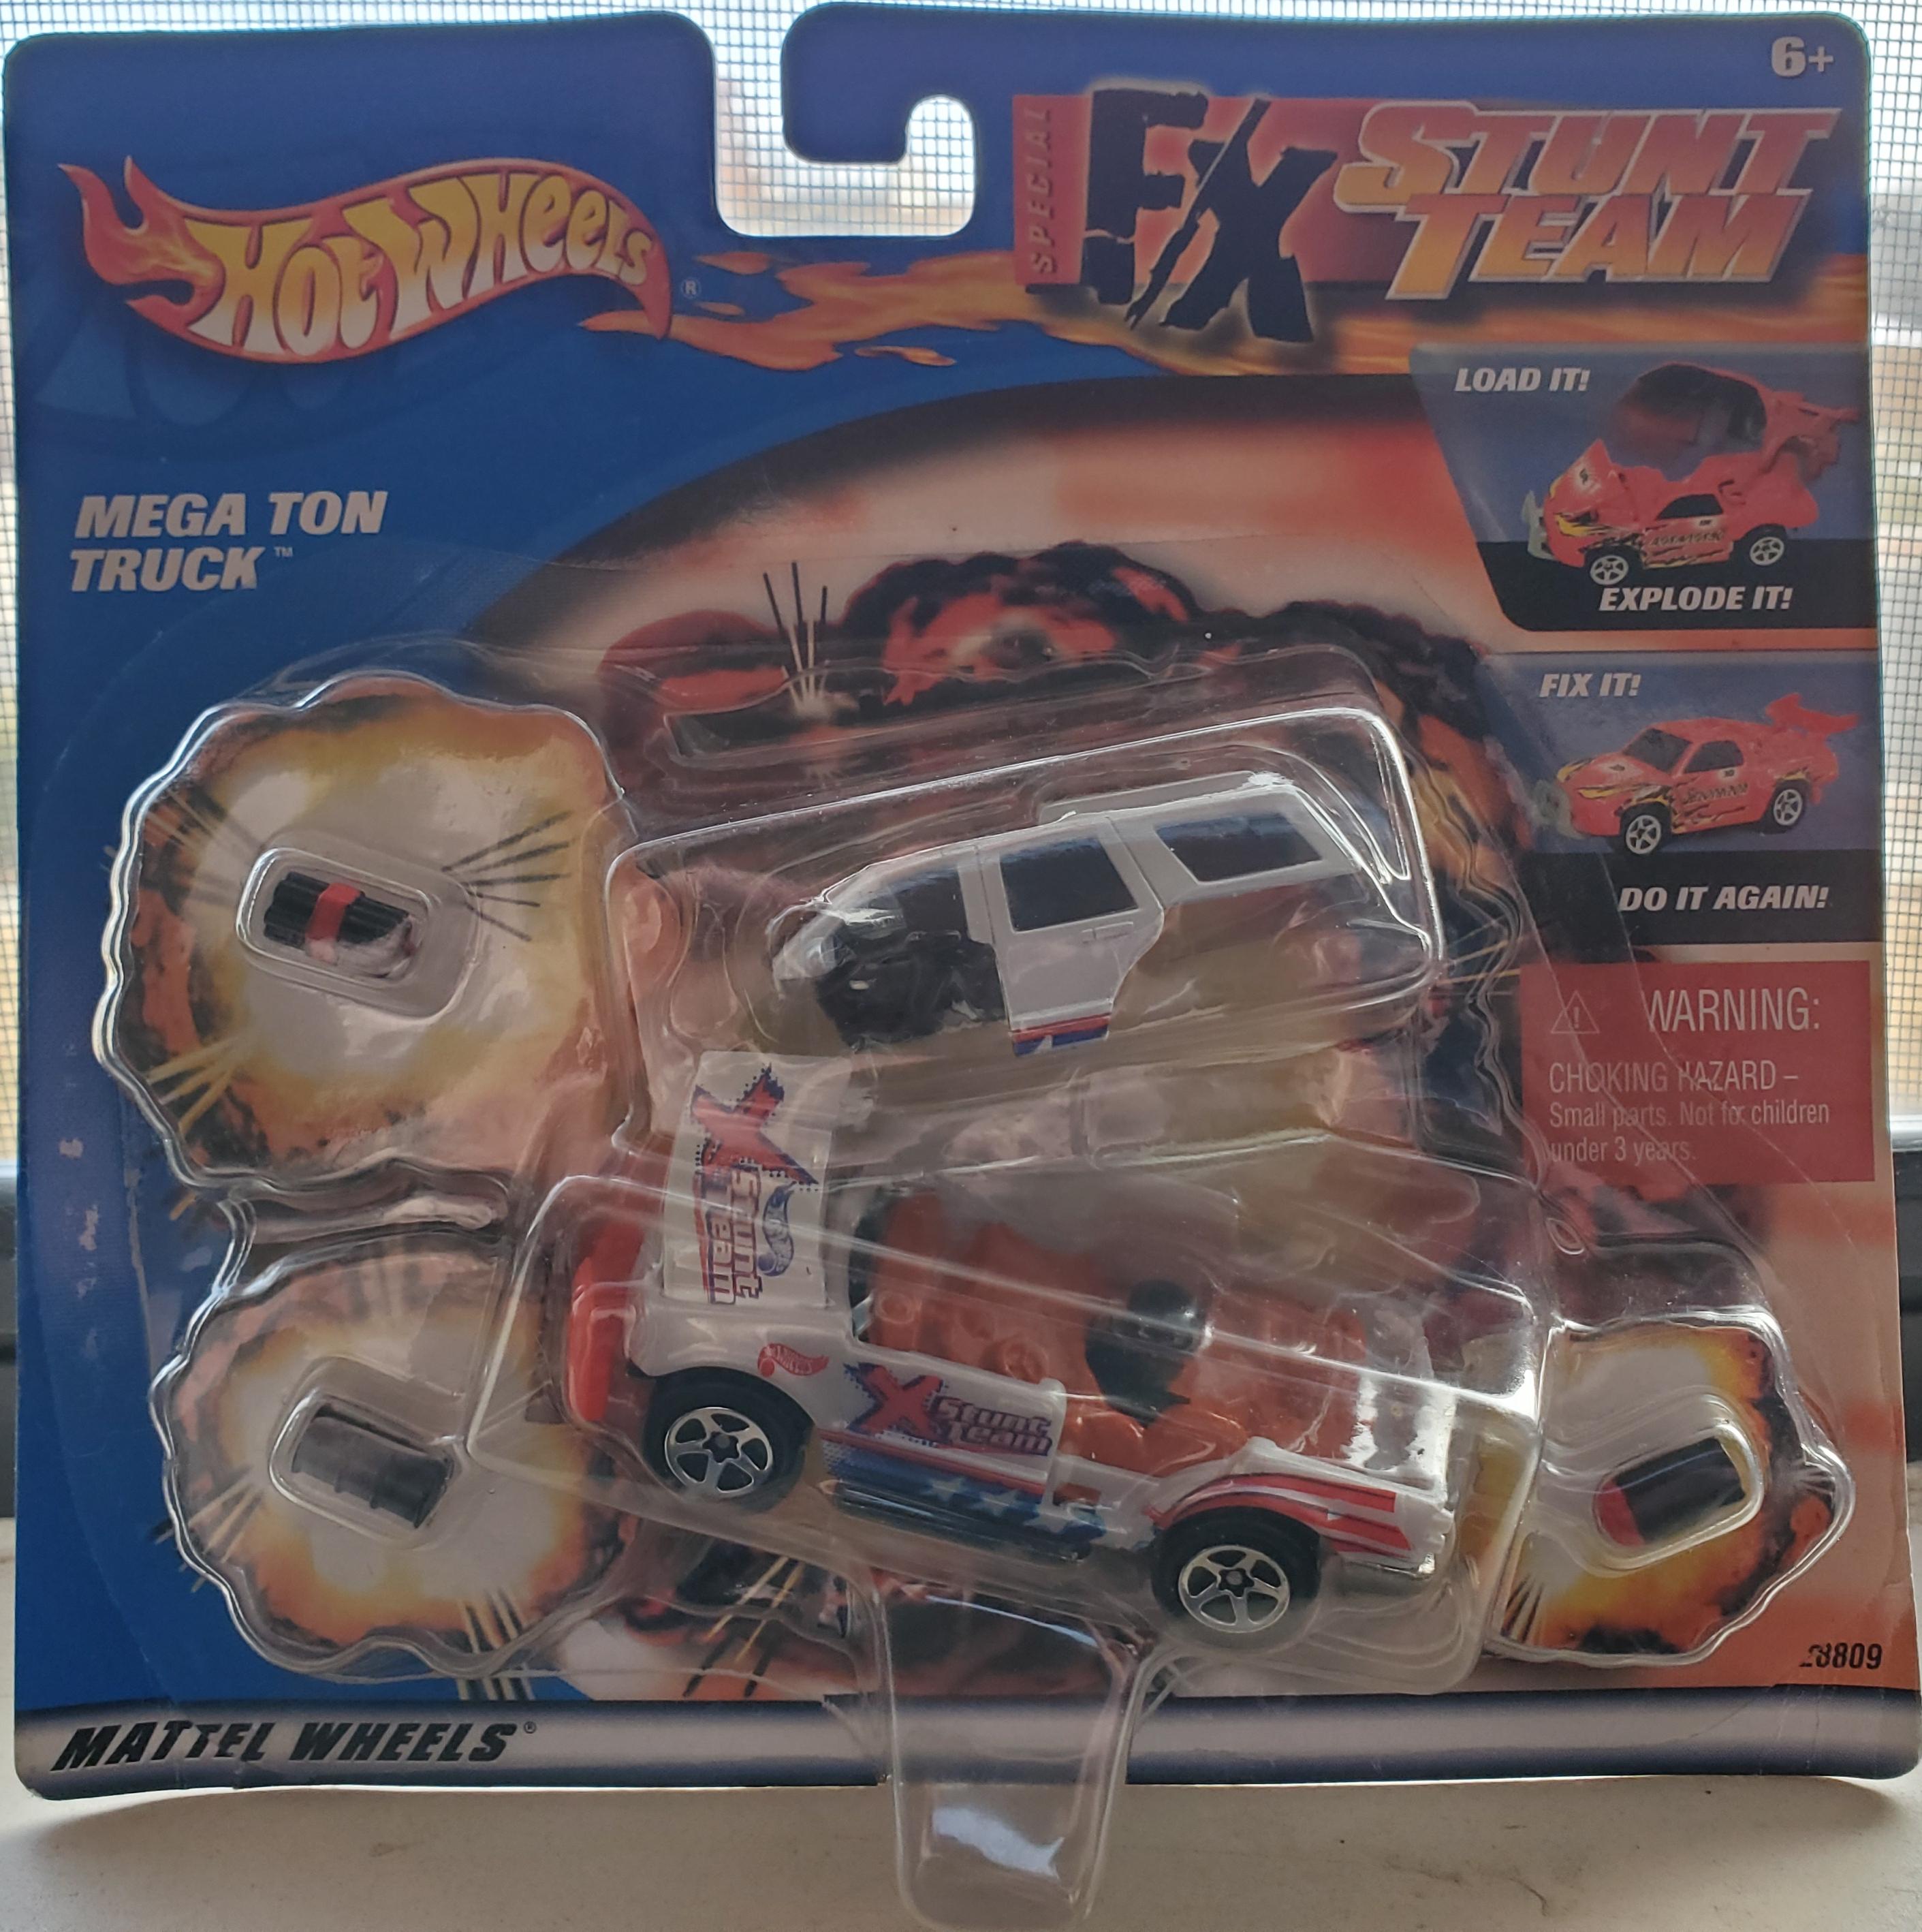 Mega Ton Truck